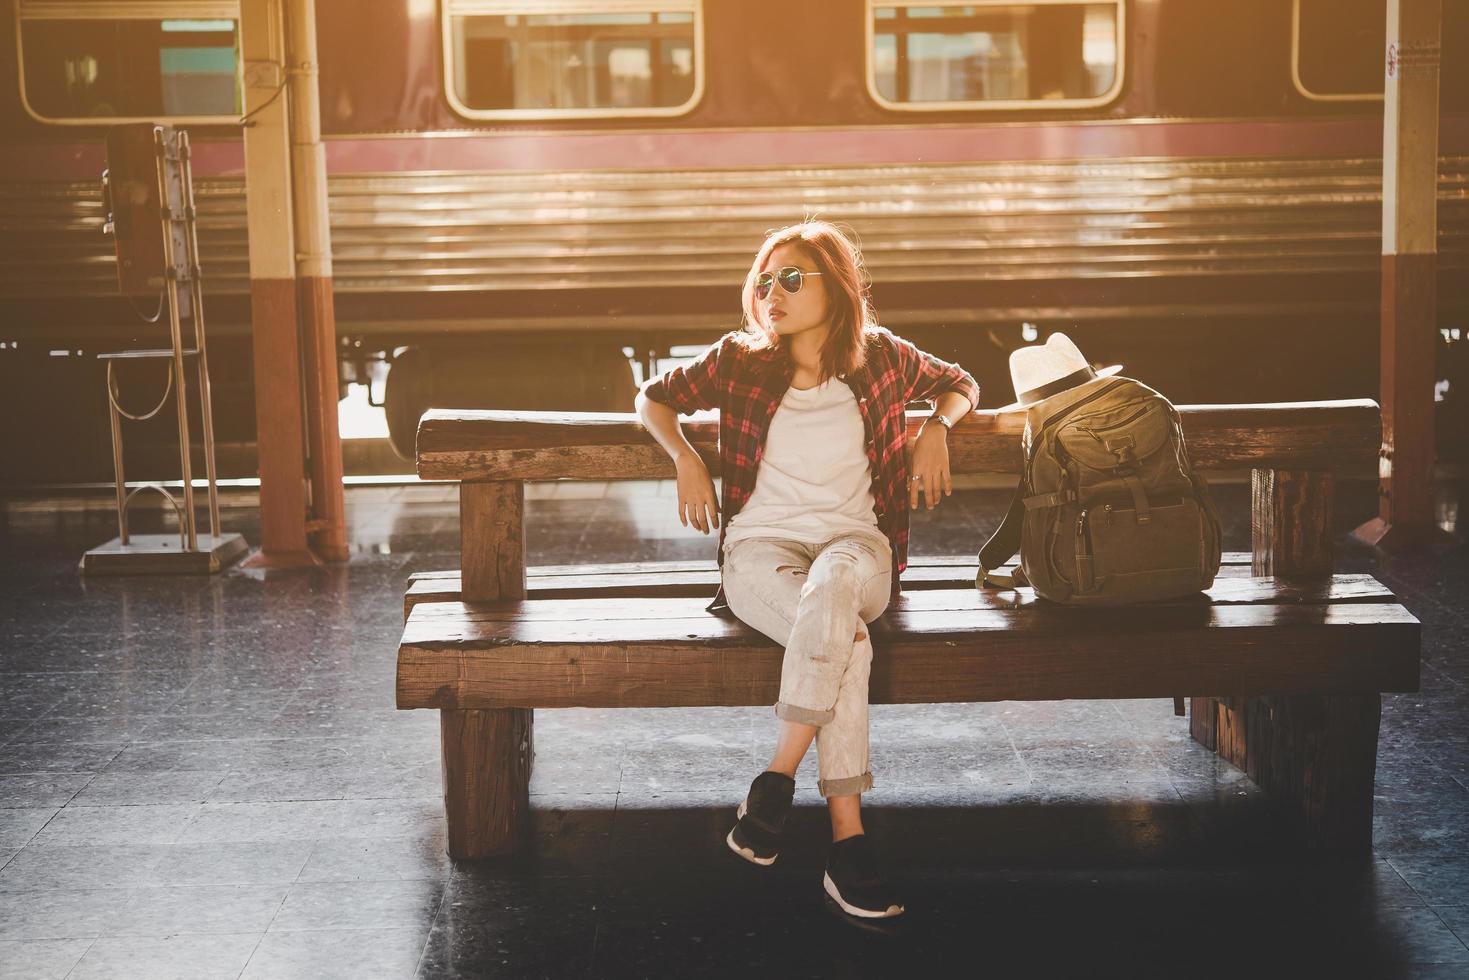 jovem hippie turista com mochila sentada na estação de trem foto